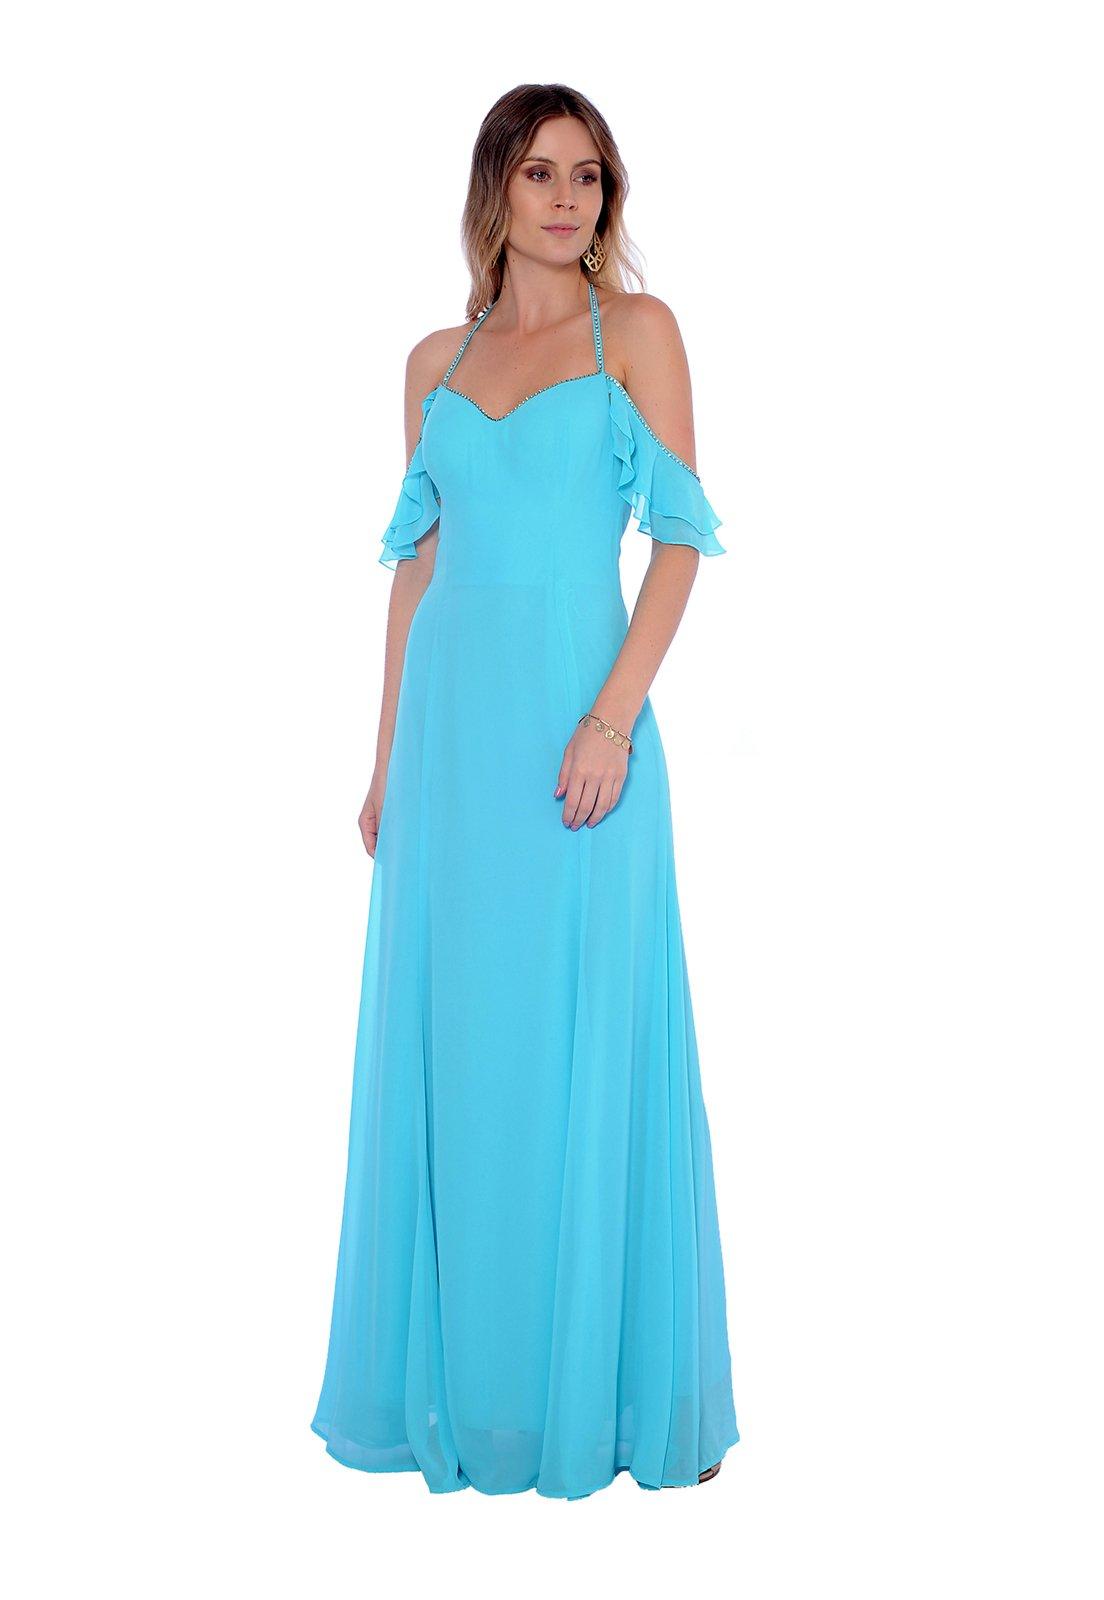 Vestido Gowara Festa Azul Turquesa